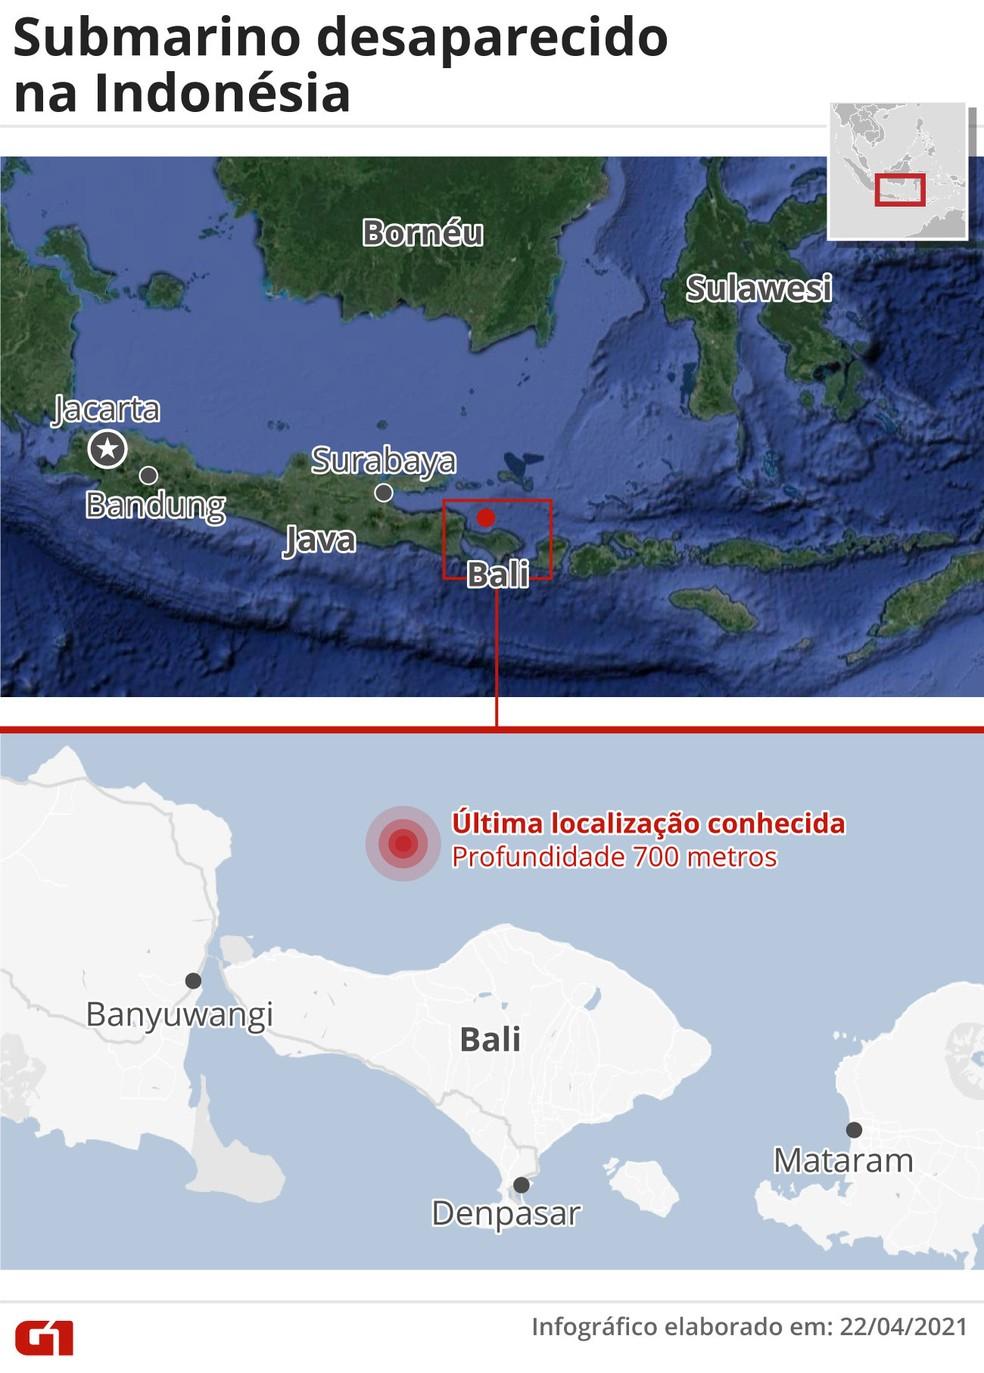 Mapa mostra local do último contato do submarino desaparecido — Foto: G1